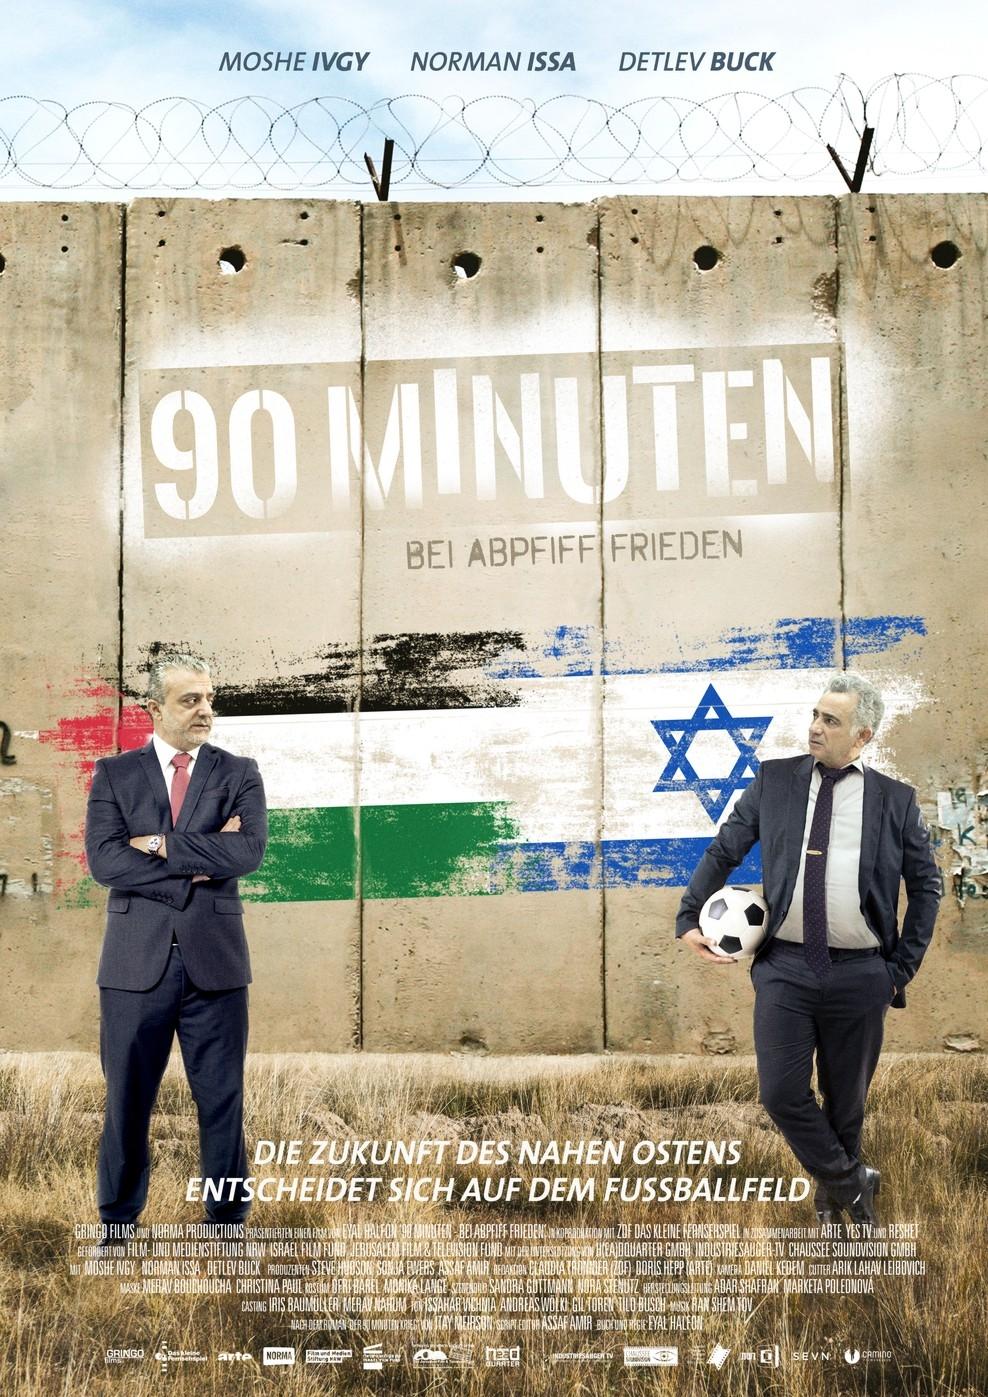 90 Minuten - Bei Abpfiff Frieden (Poster)